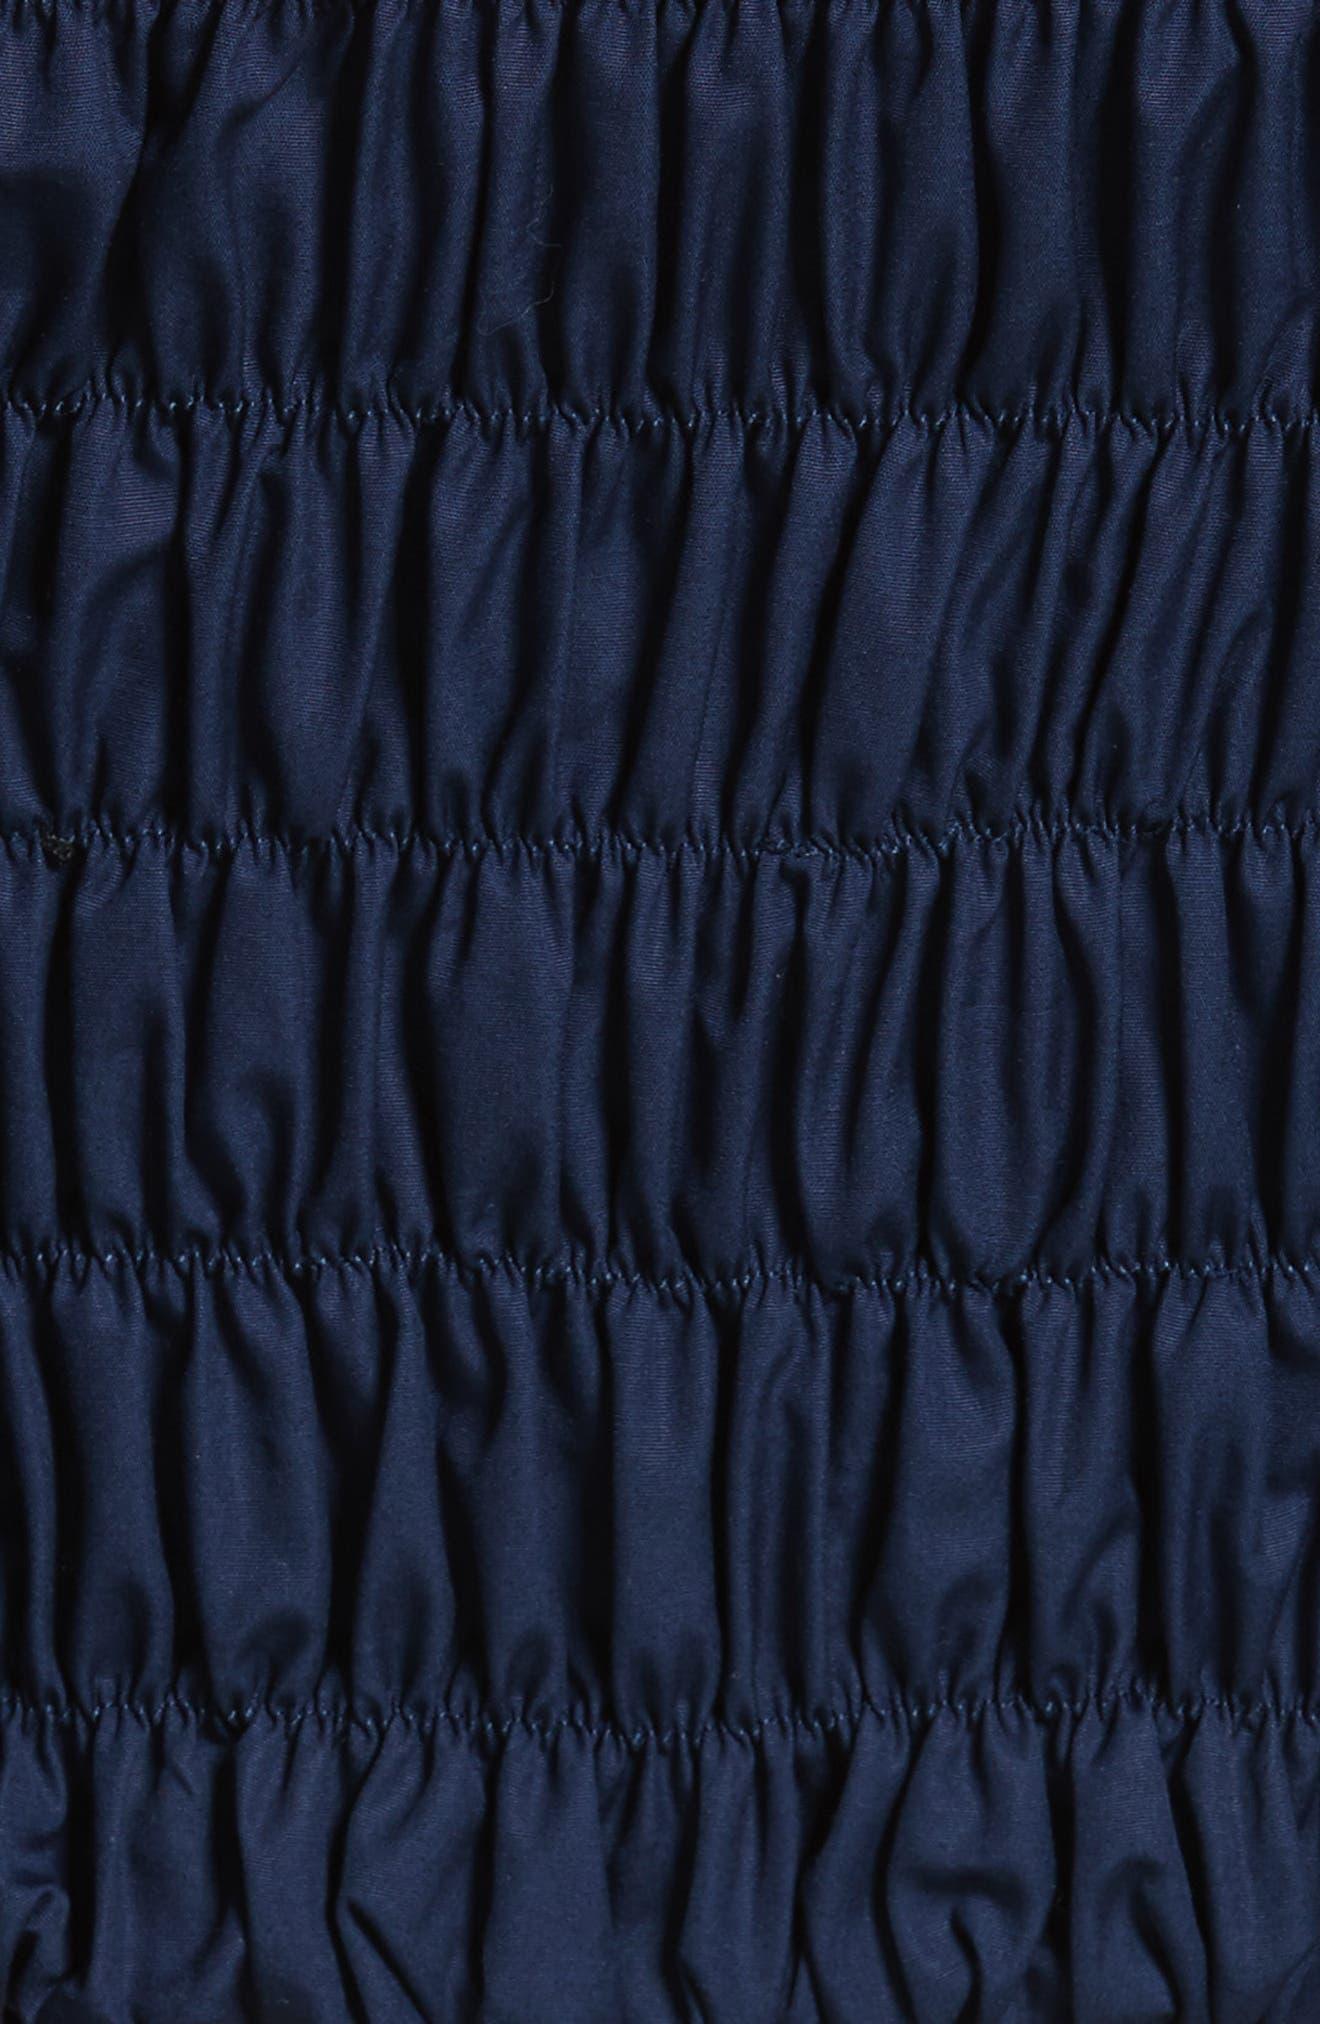 Bachelorette Ruched Corset Top,                             Alternate thumbnail 5, color,                             400